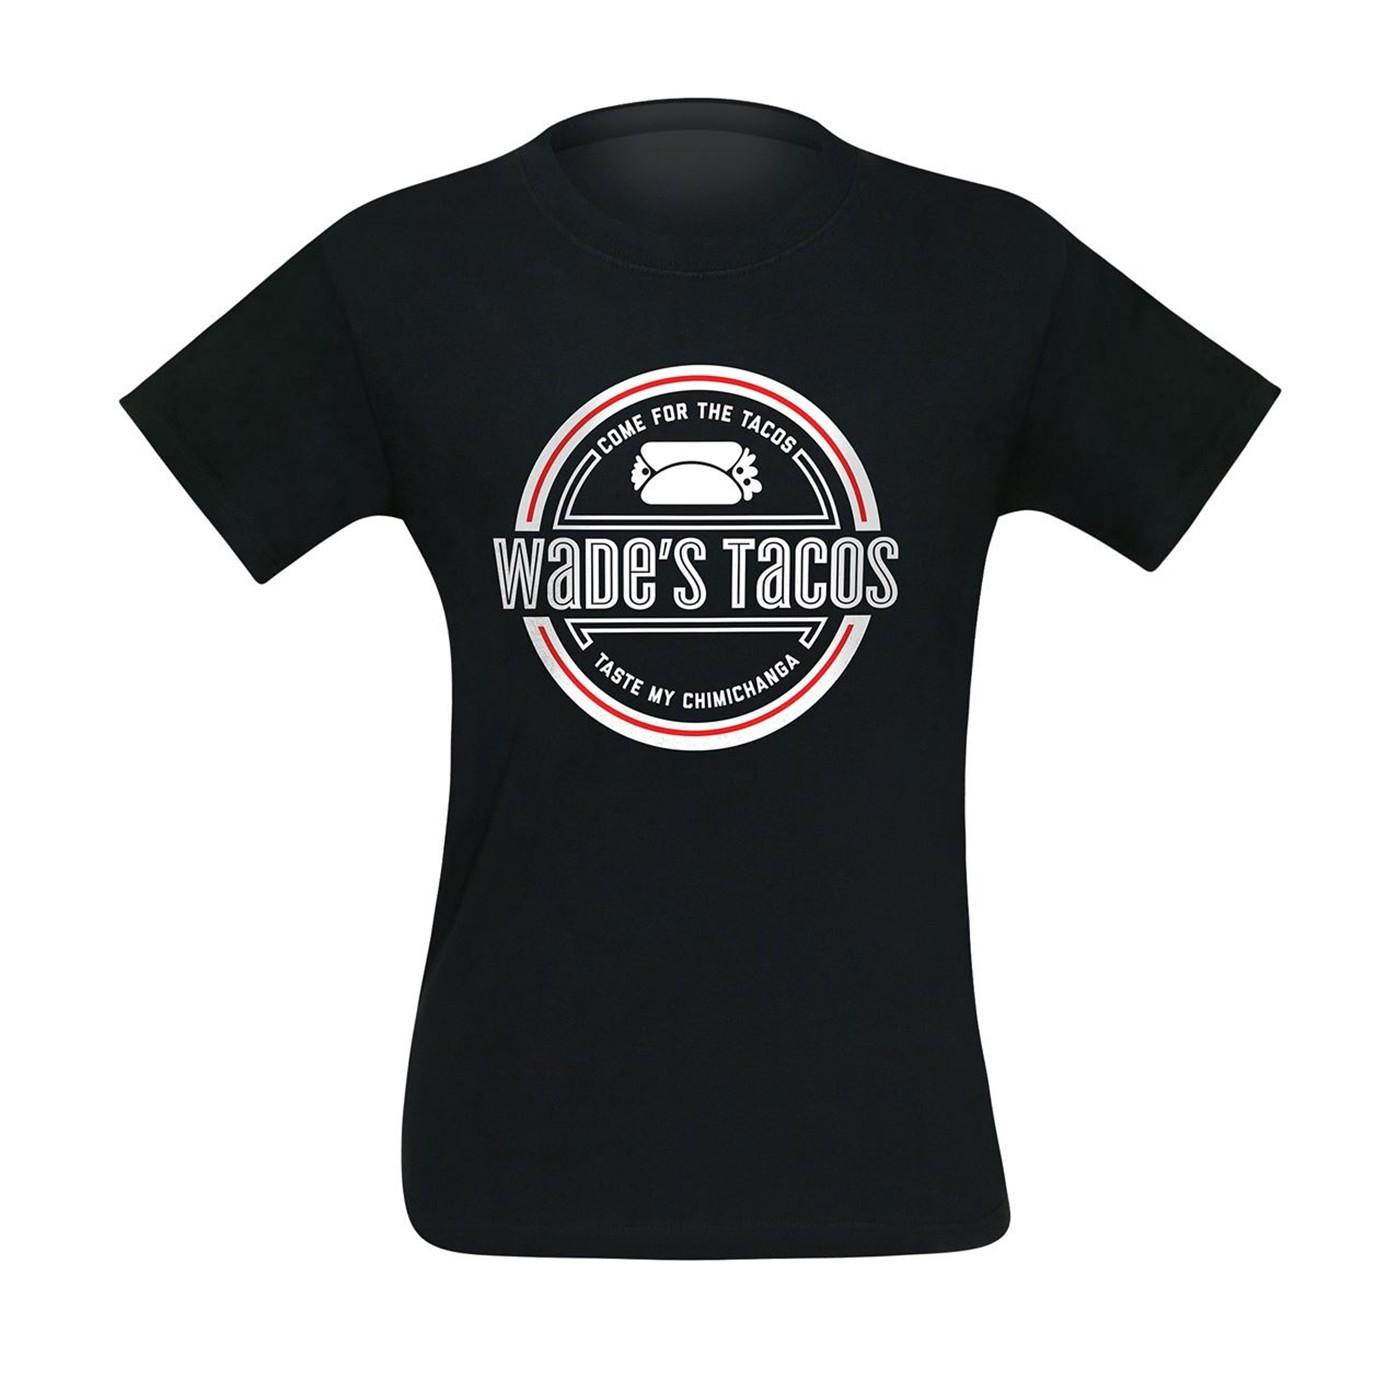 Wade's Tacos Men's T-Shirt